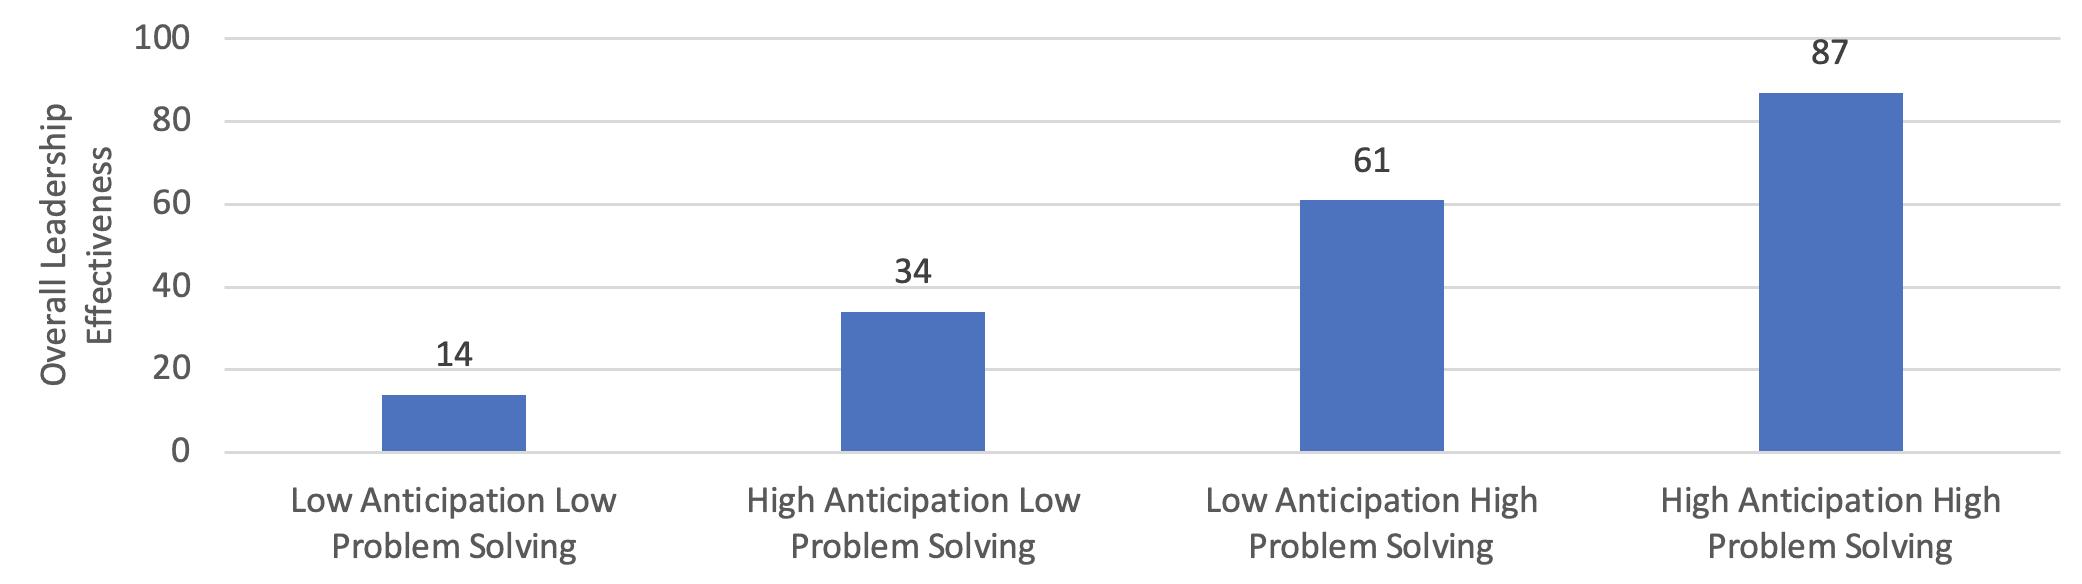 Leadership skill- Problem Solving